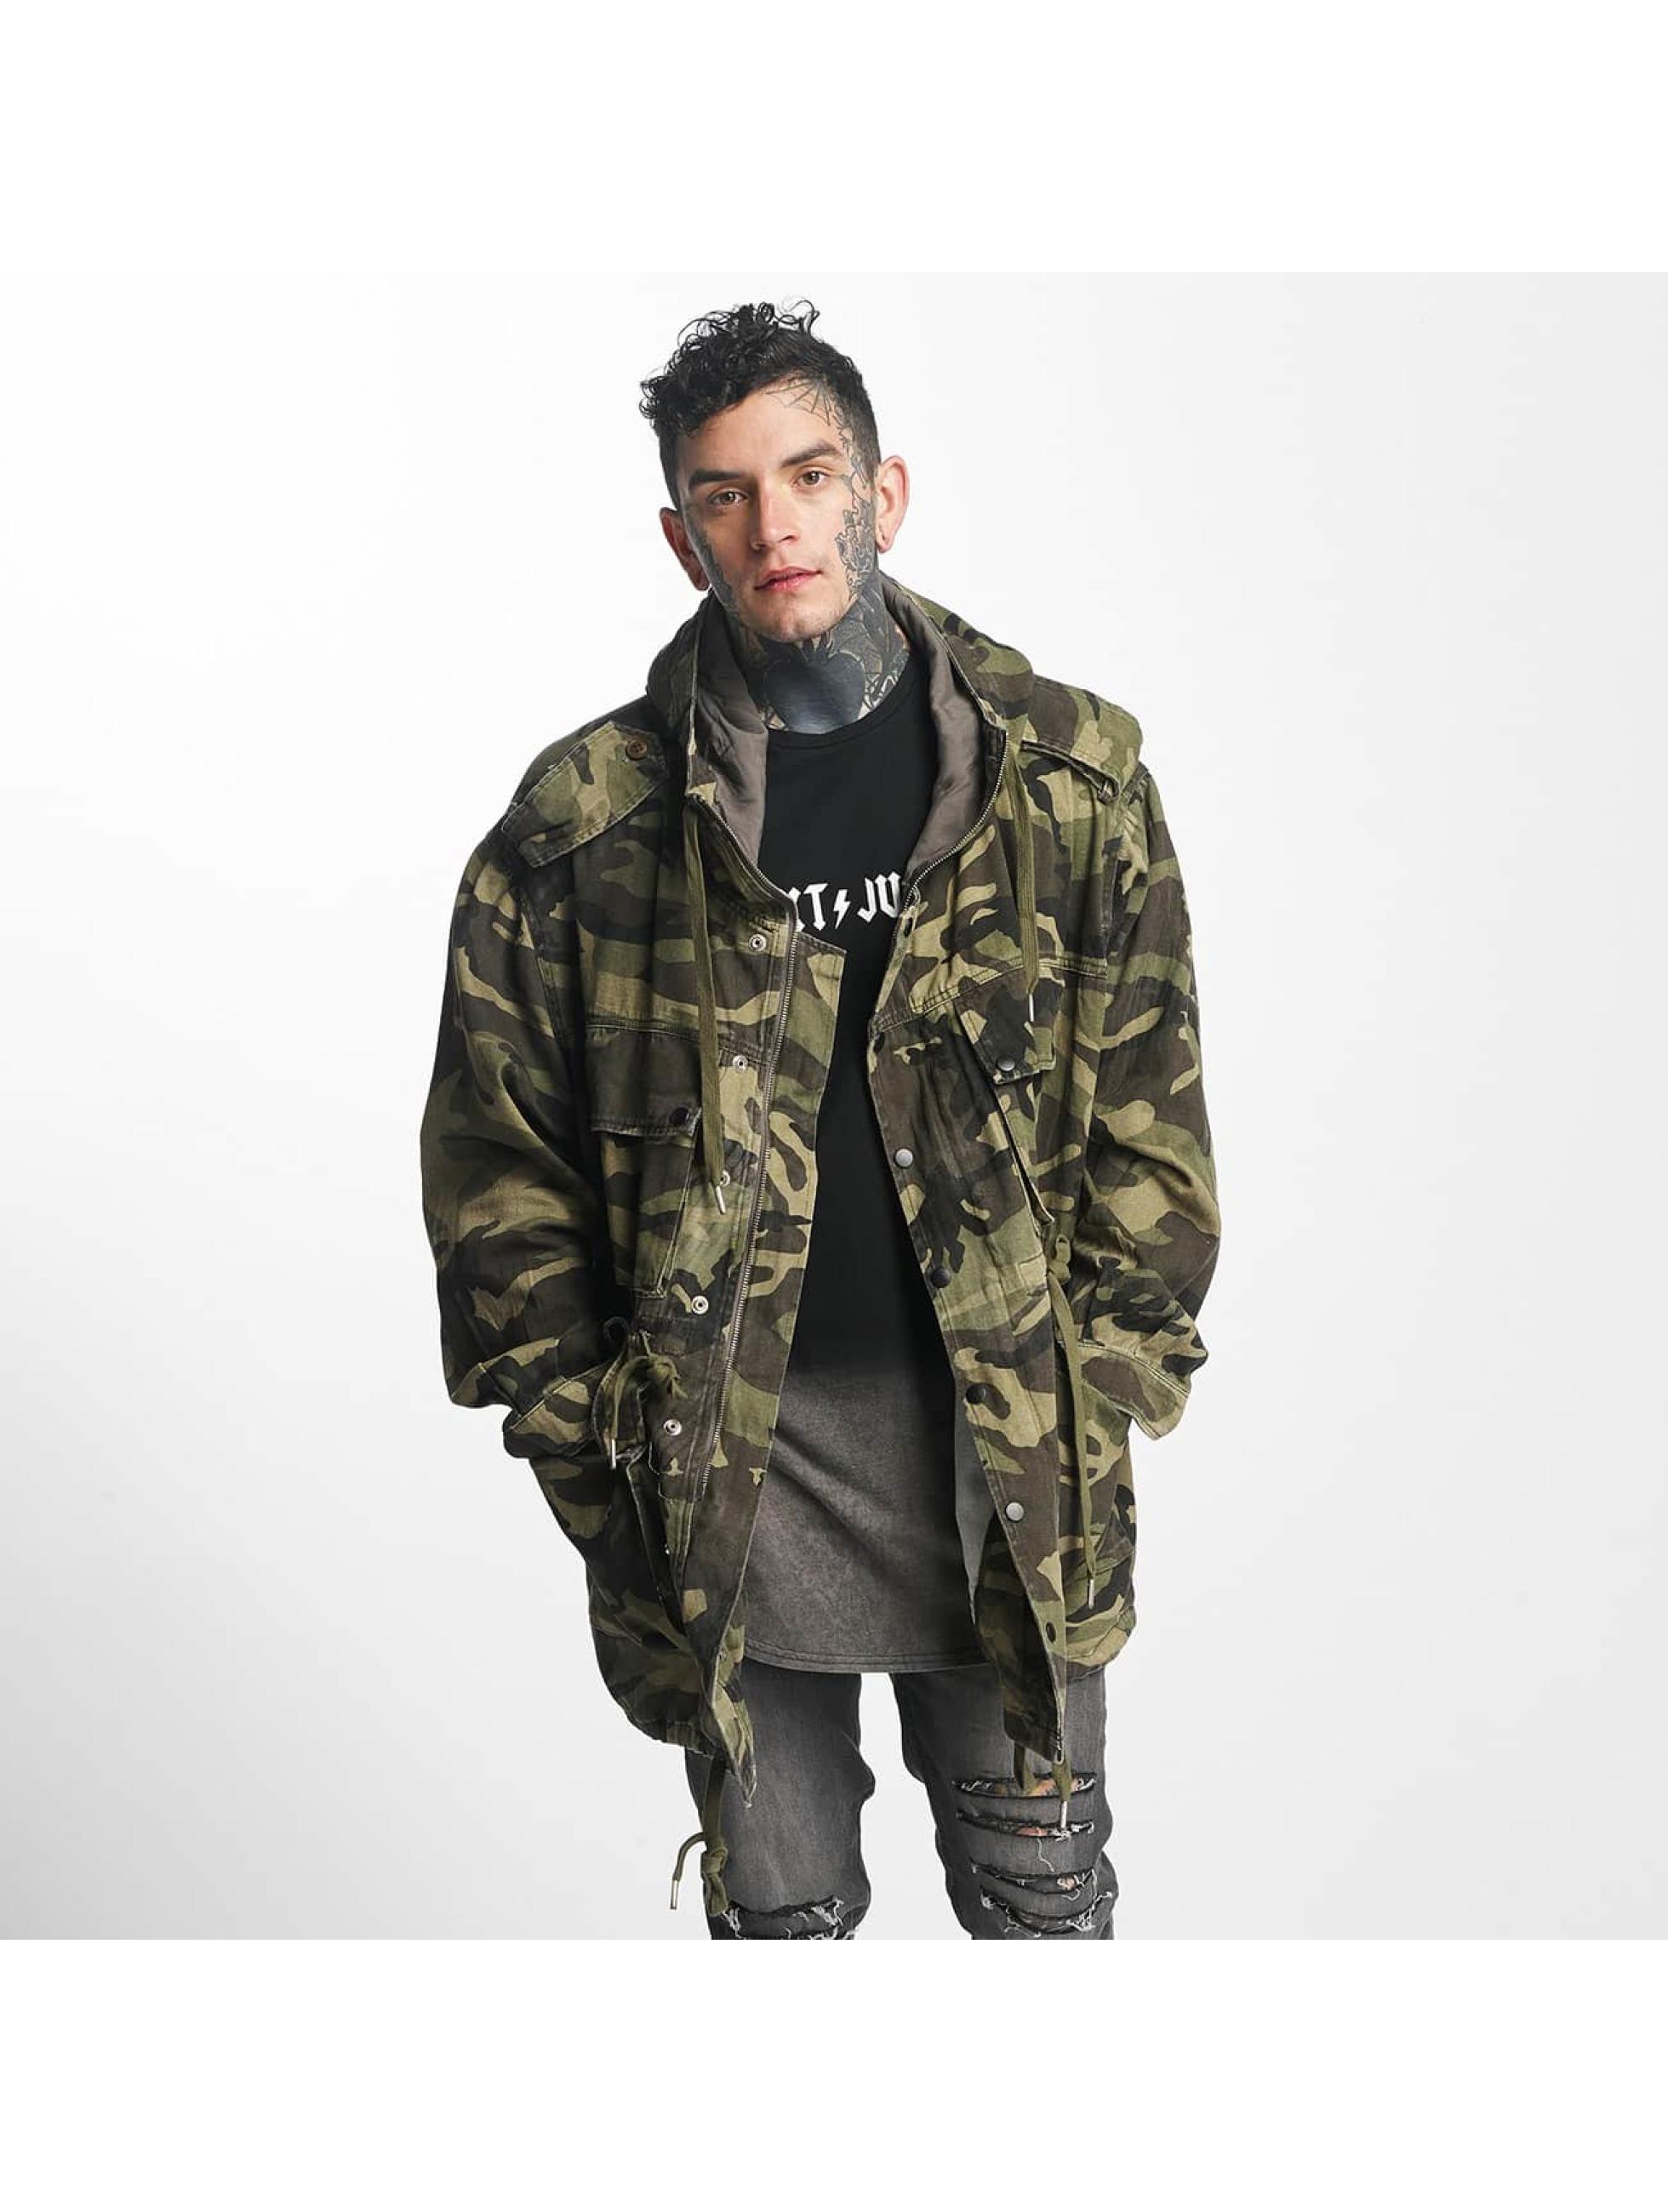 sixth june light parka camouflage homme manteau sixth june acheter pas cher manteau veste 394546. Black Bedroom Furniture Sets. Home Design Ideas